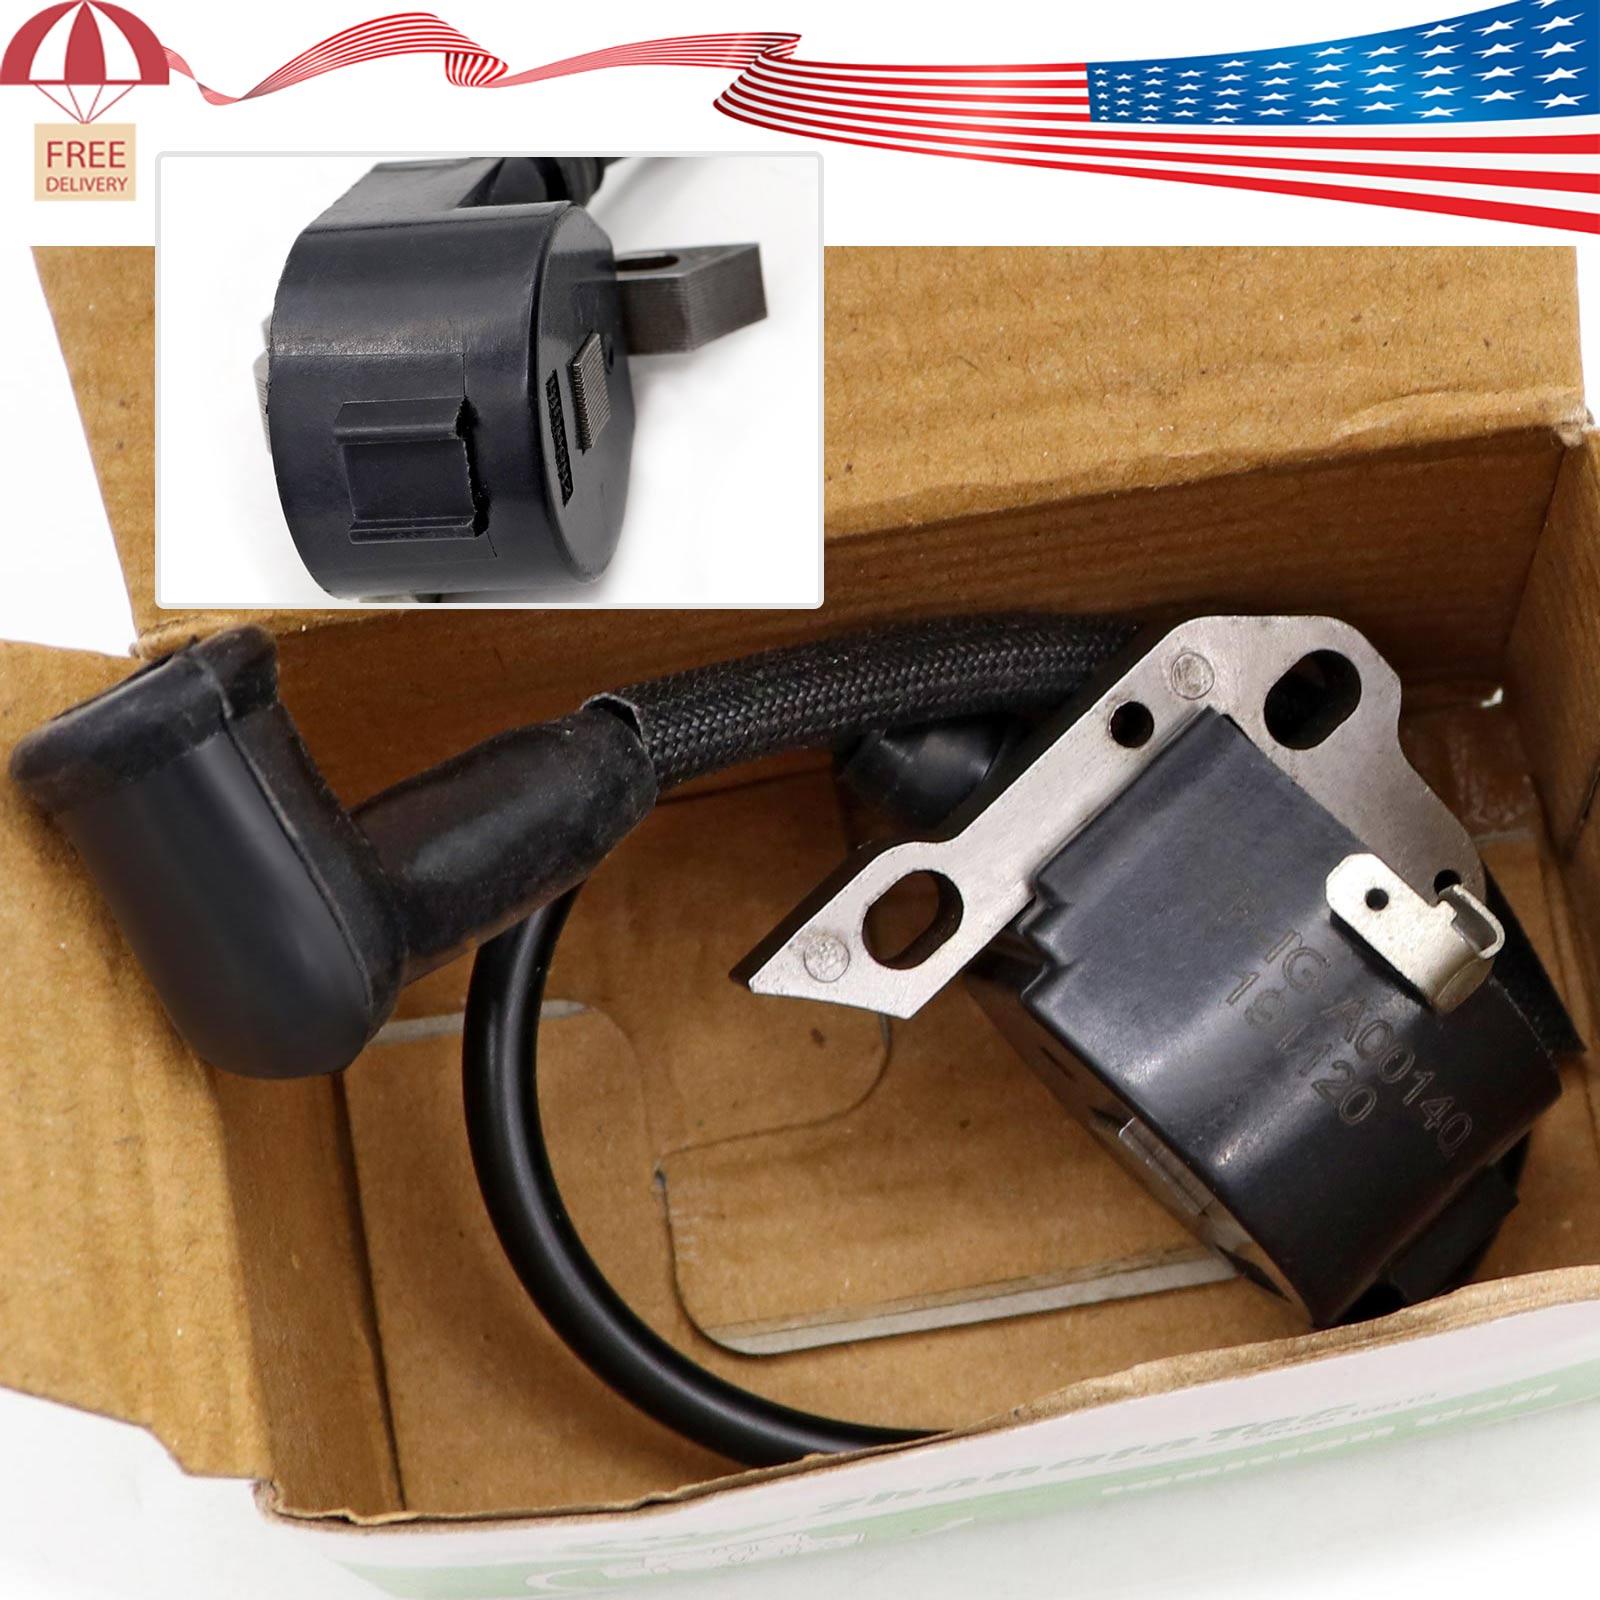 Ignition Coil For Stihl BR320 BR320L BR340 BR340L BR380 BR400 BR420 BR420C SR320